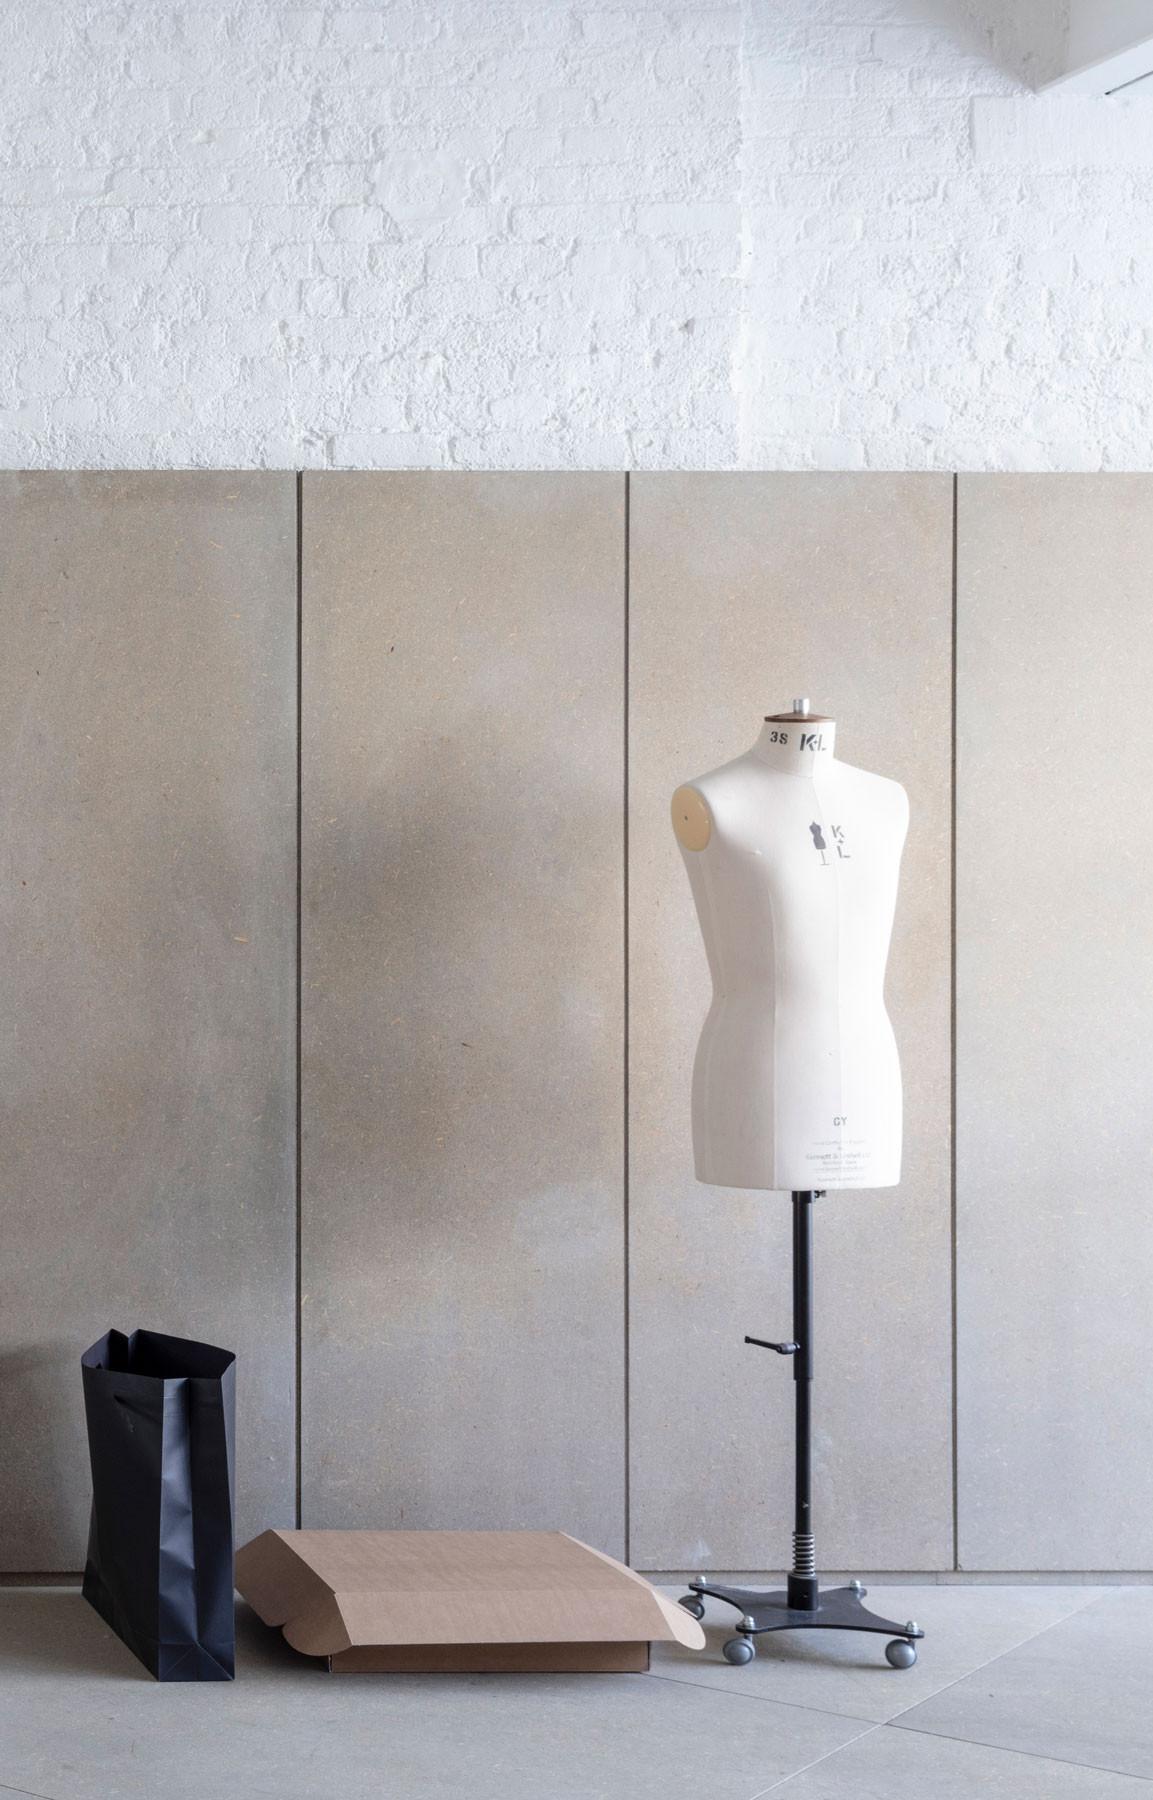 Retail interior design architect